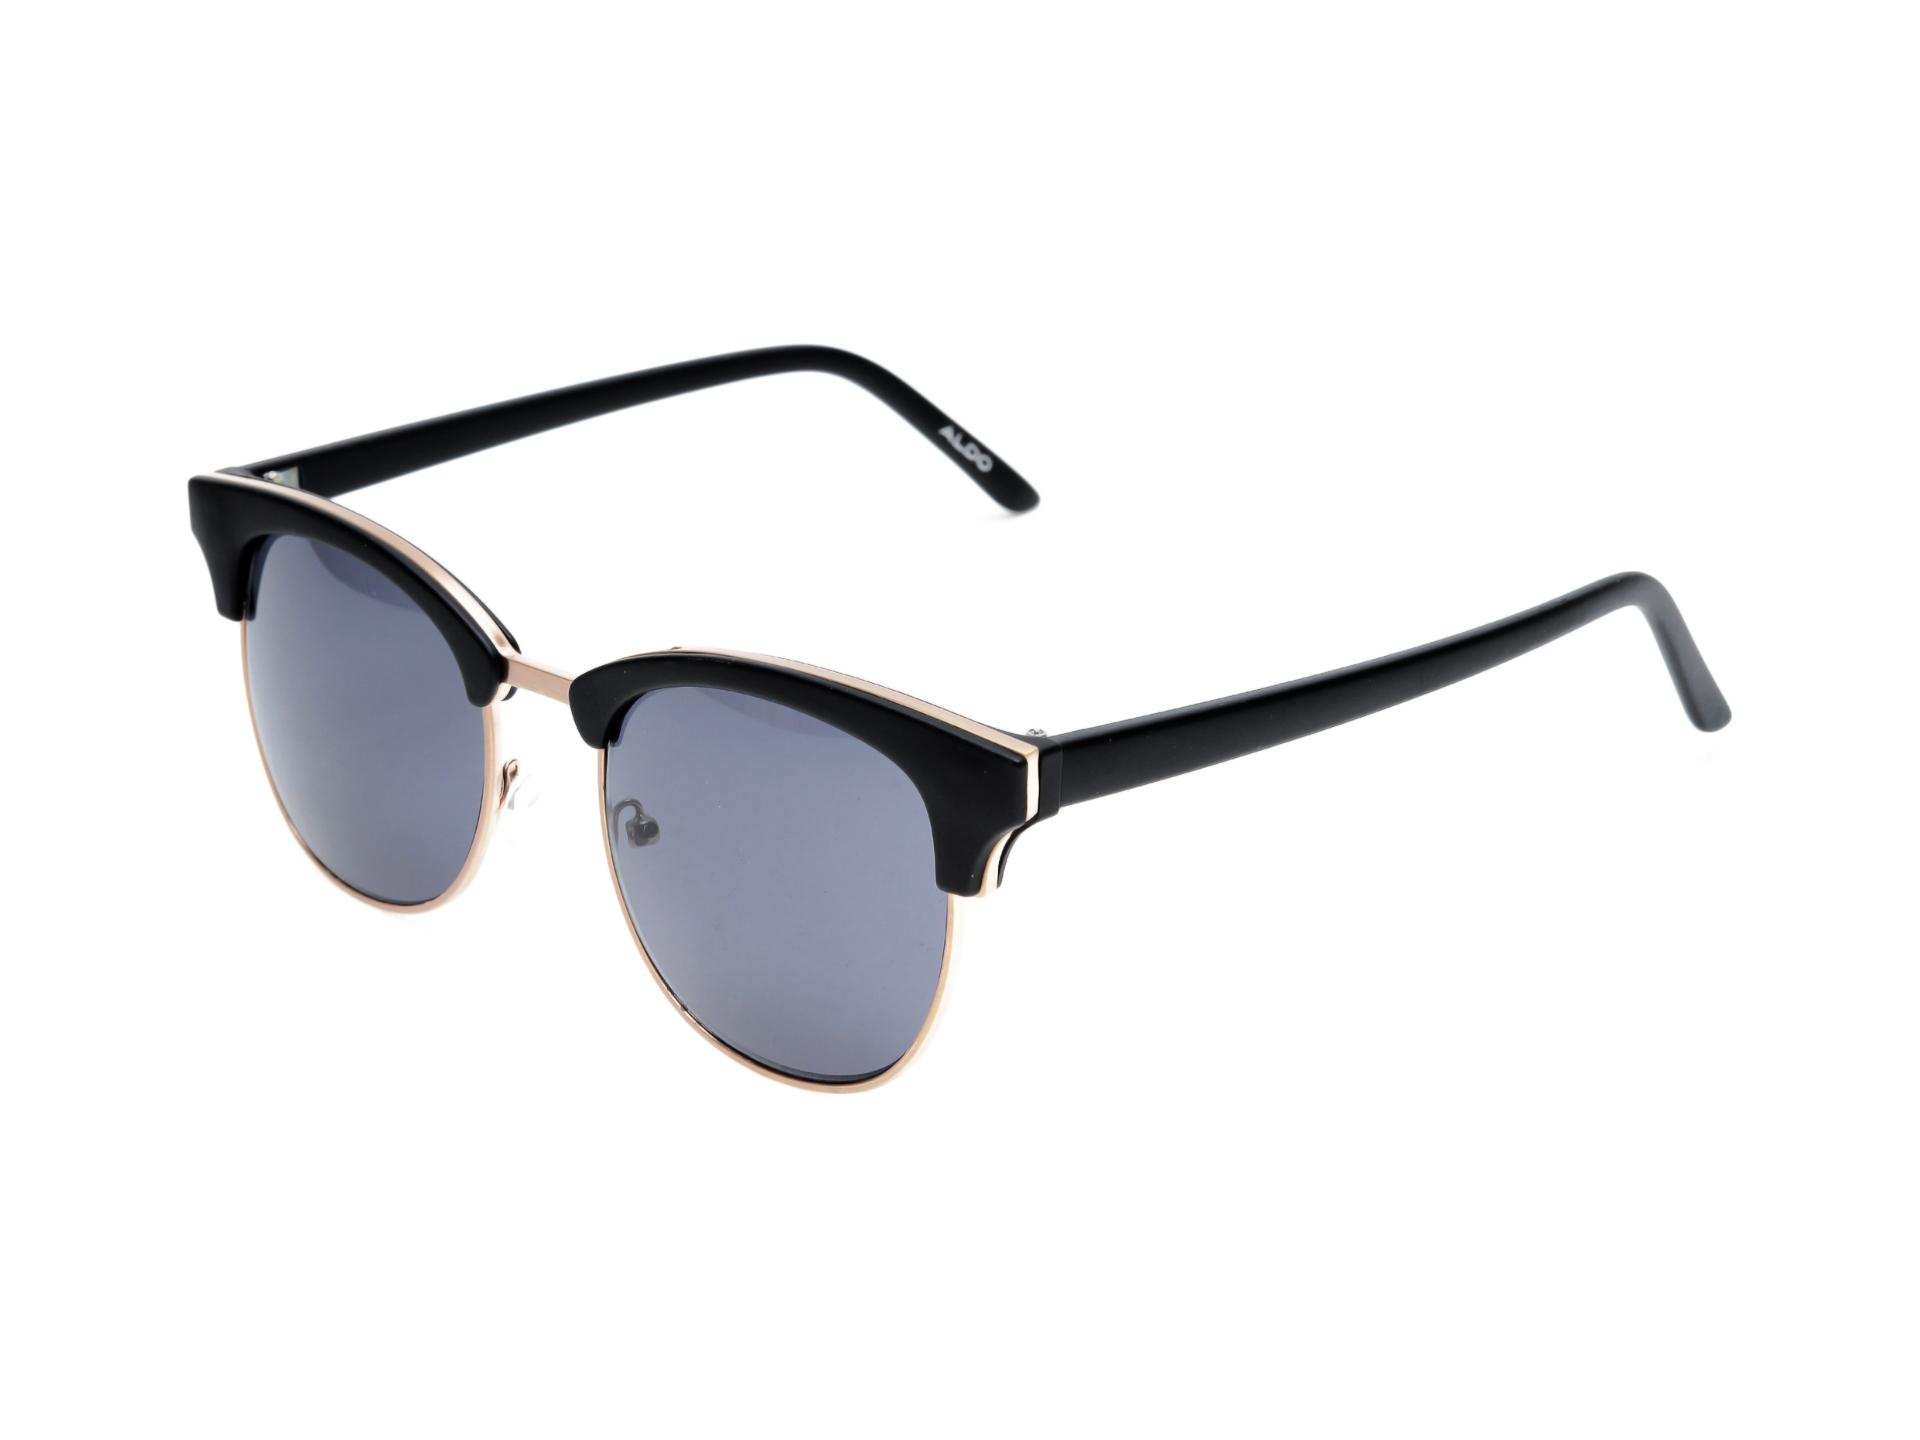 Ochelari de soare ALDO negri, Rademann001, din pvc imagine